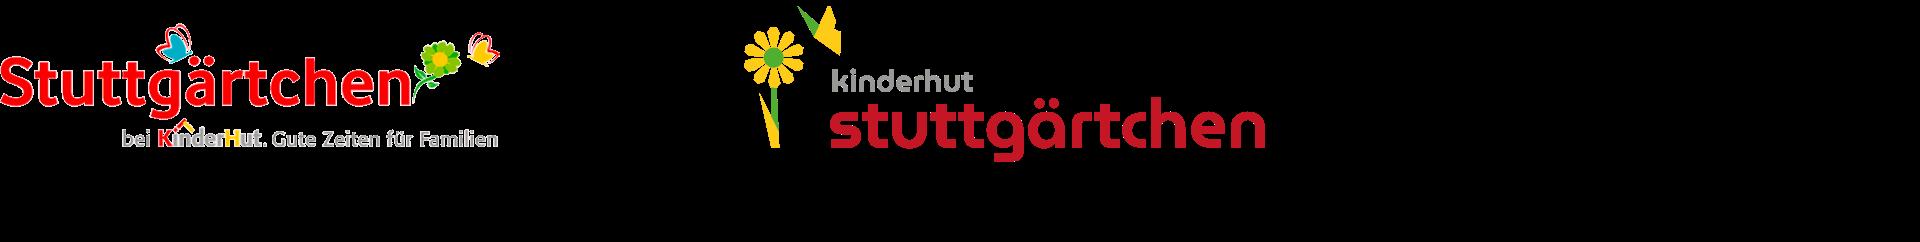 Logo-Vergleich der Kita Stuttgärtchen